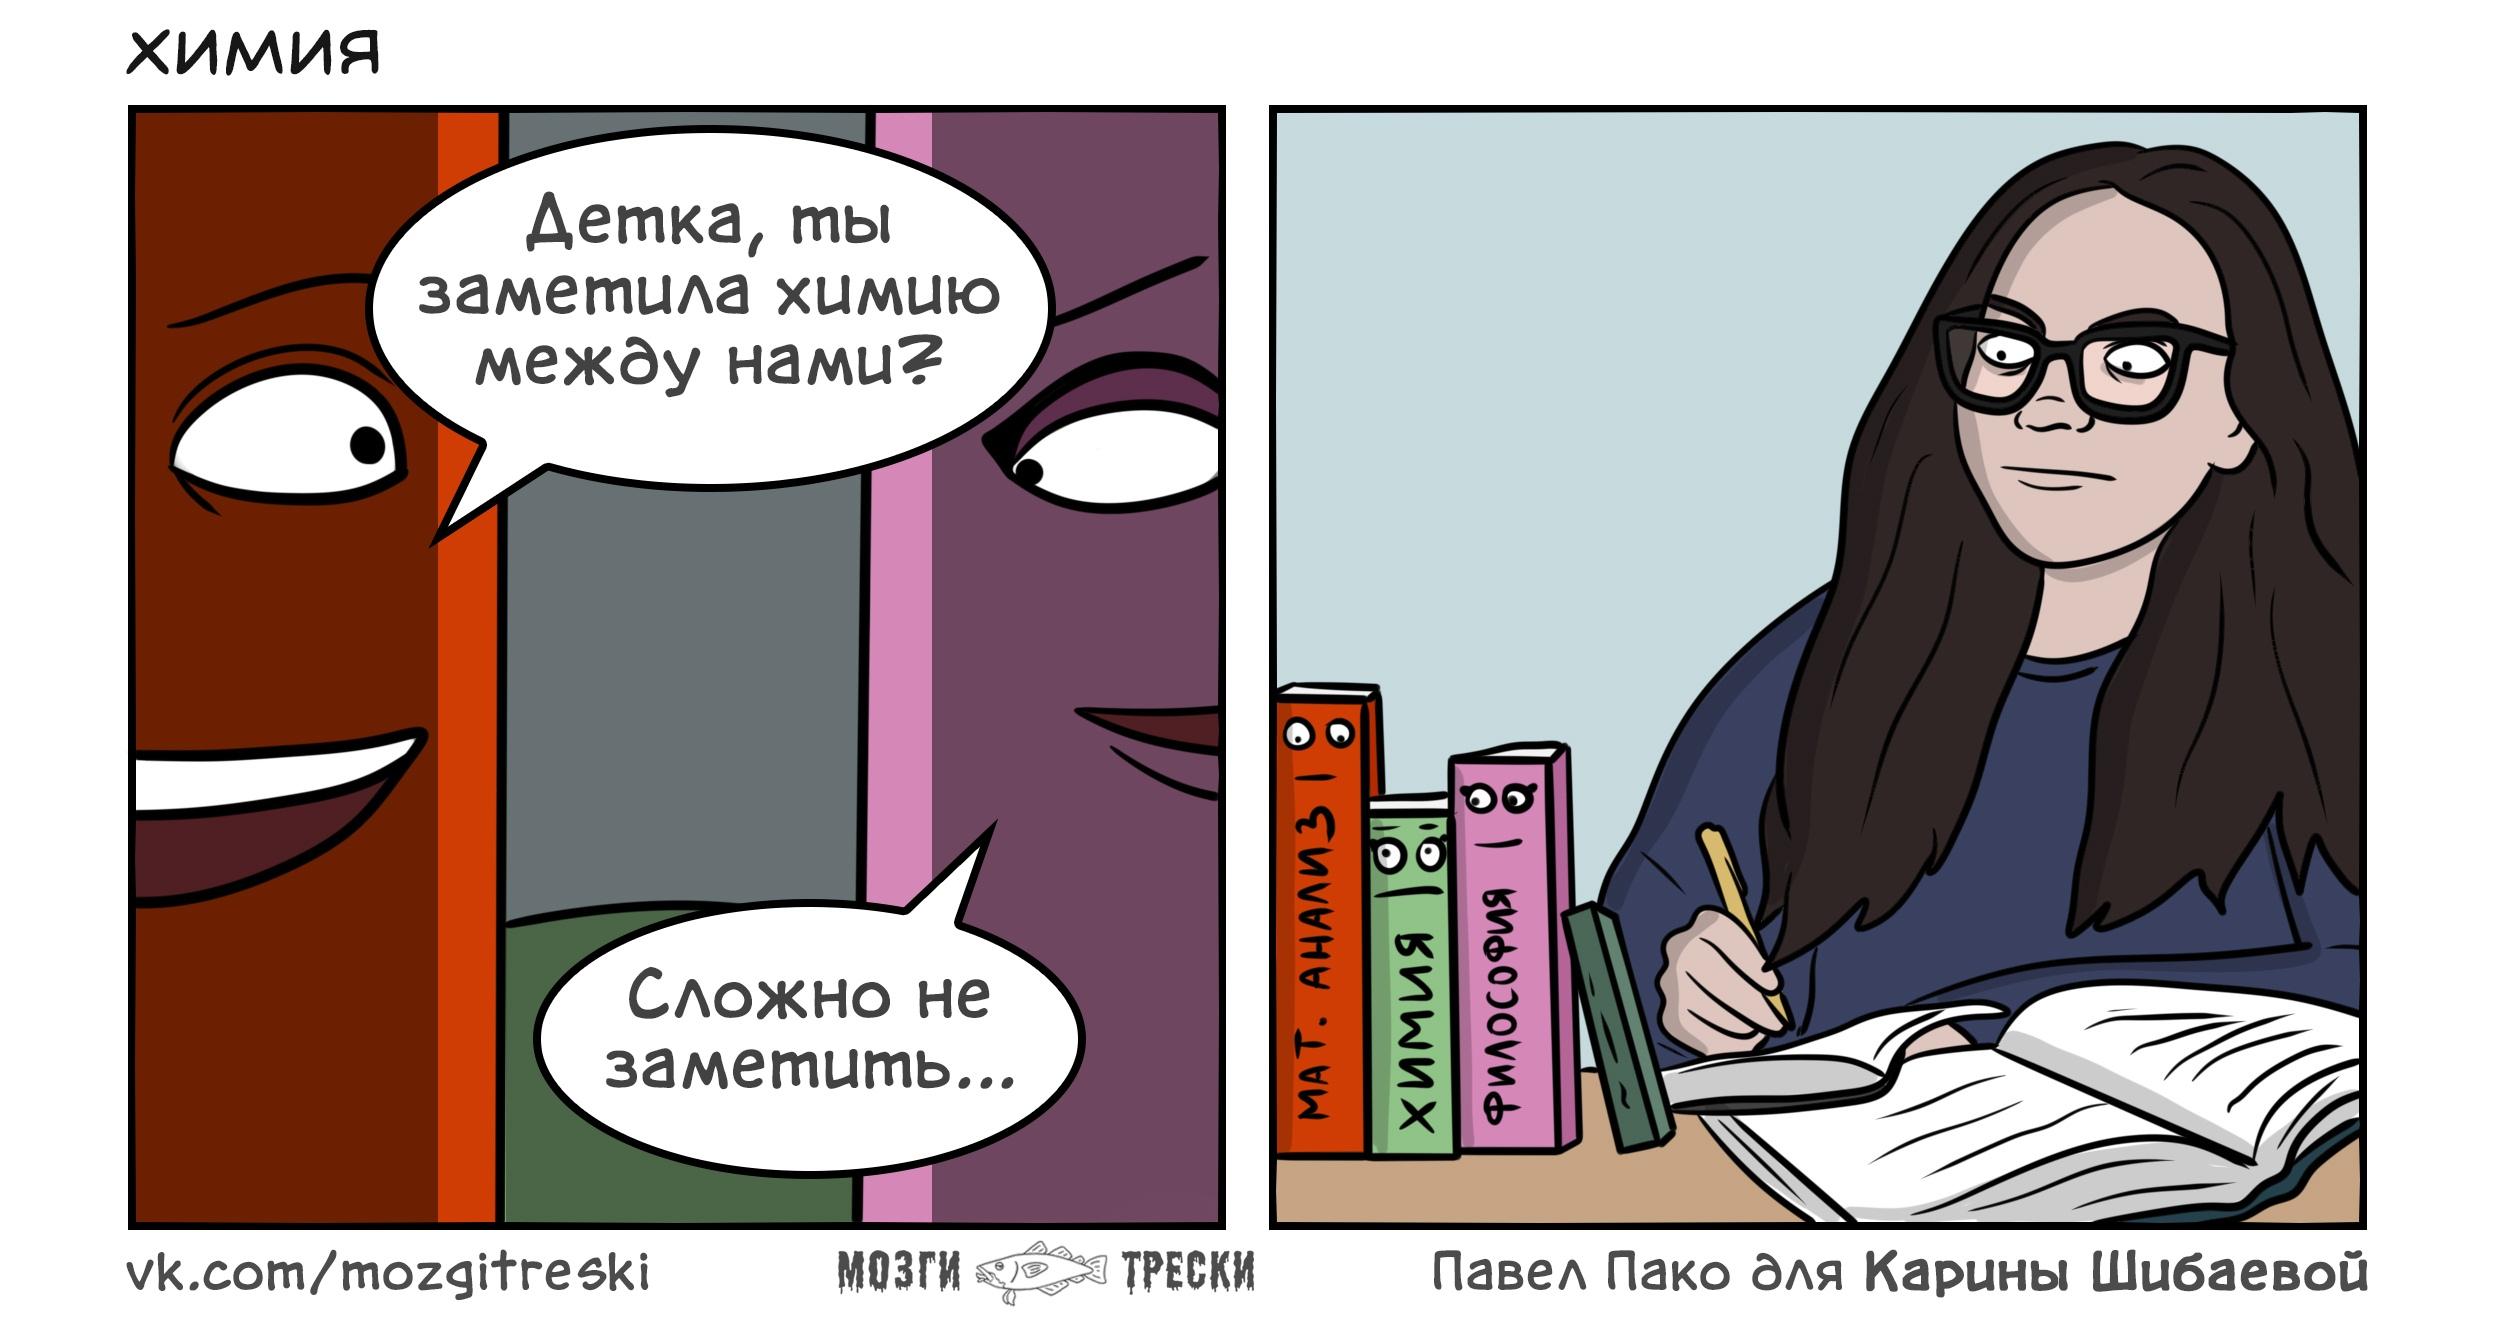 Мозги трески, комиксы, химия